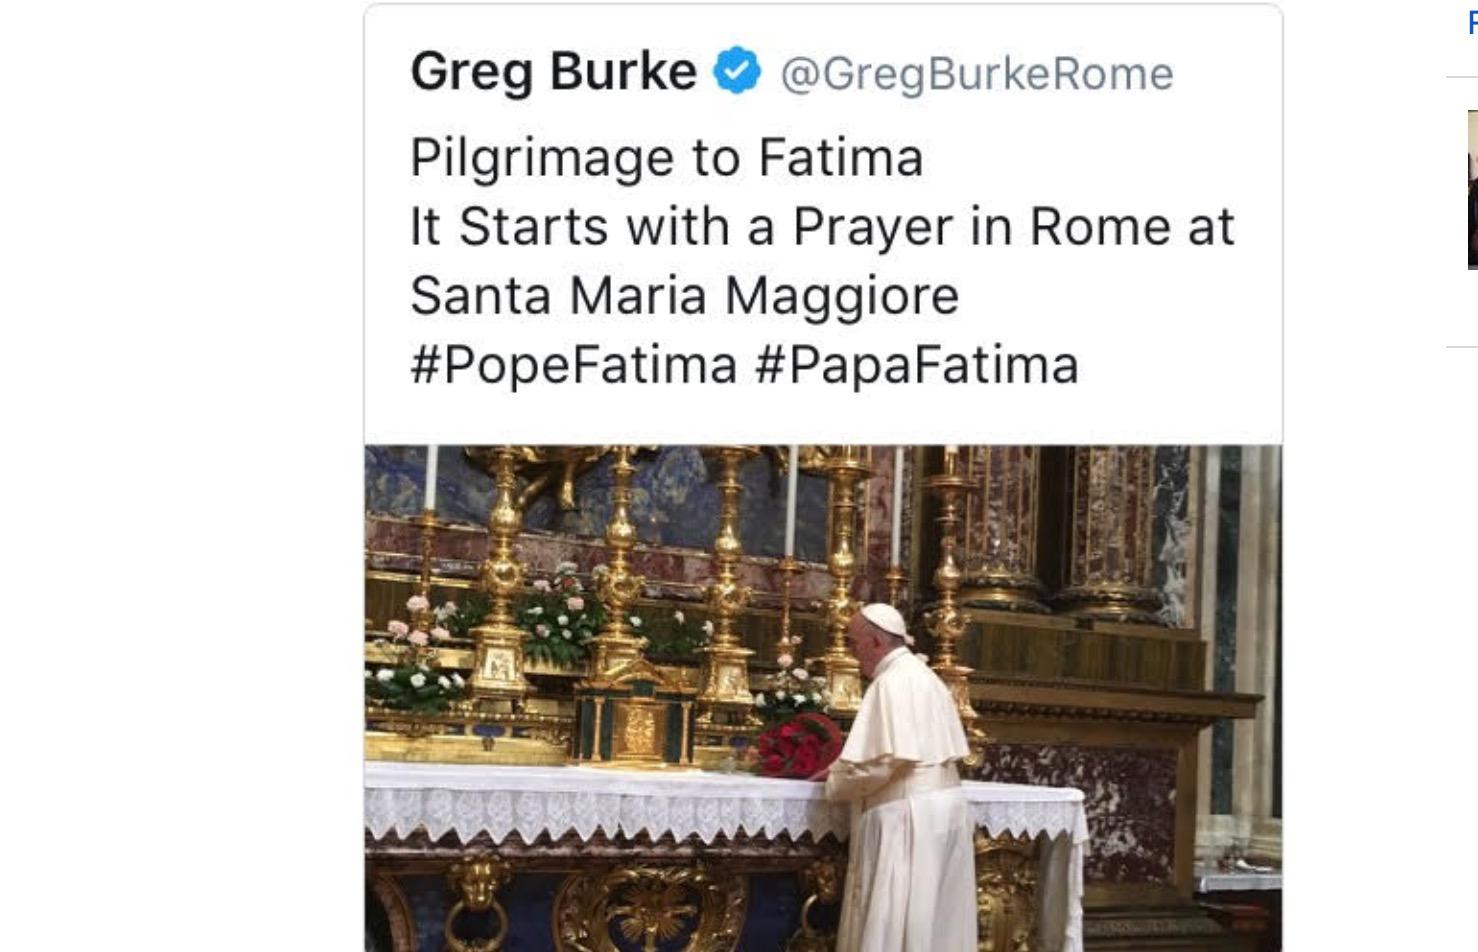 Tweet de Greg Burke